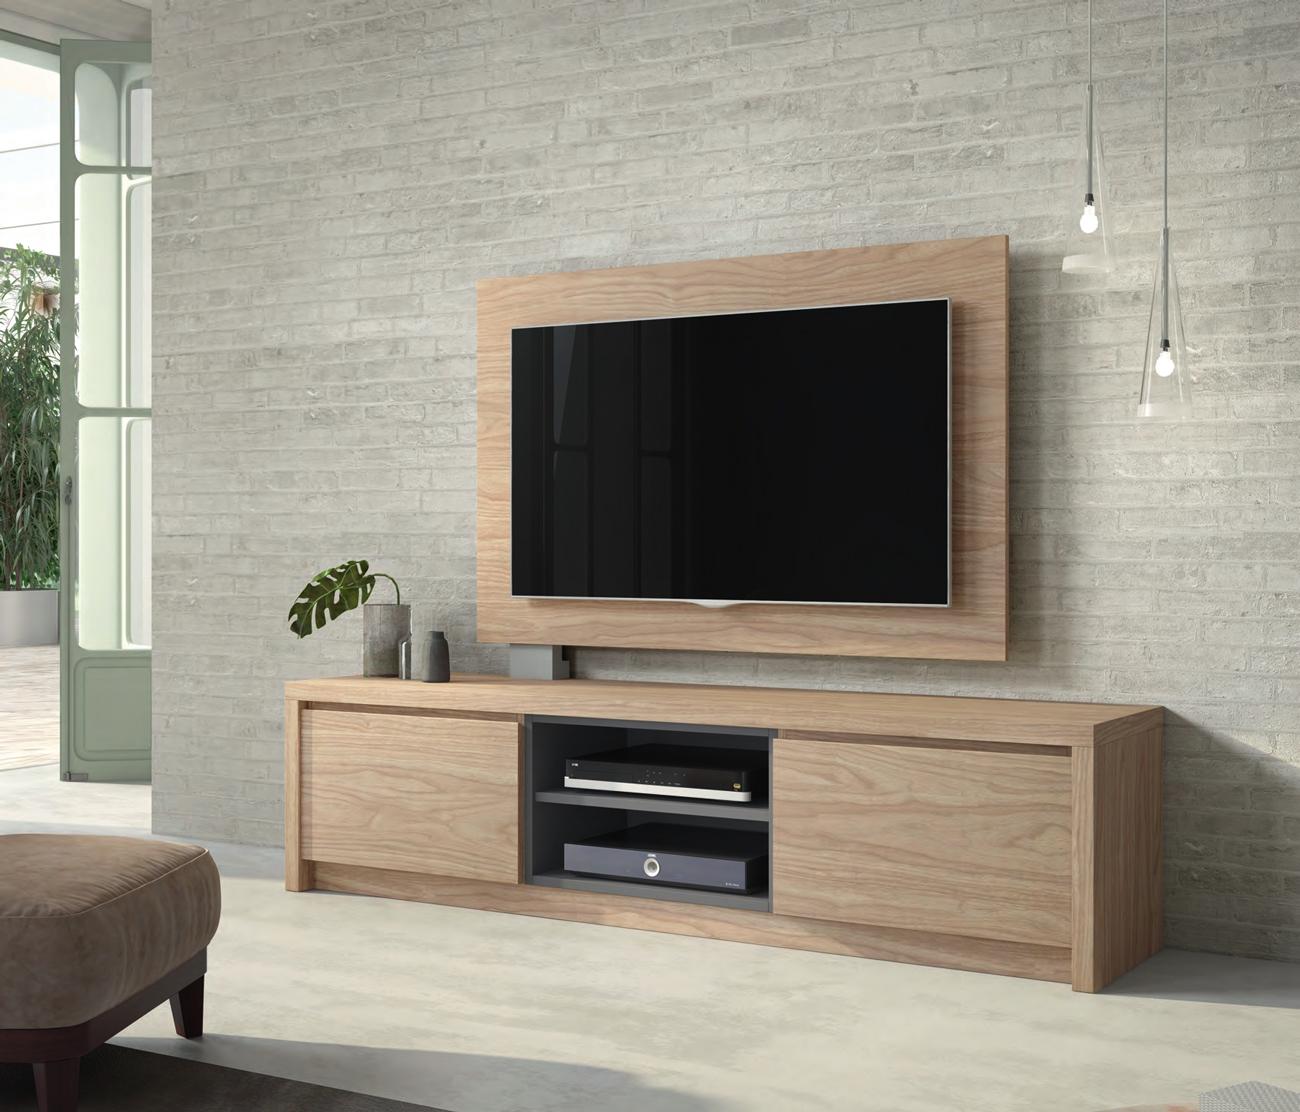 Mueble de TV D106C - Mueble de TV D106C, Mueble TV junto con panel TV